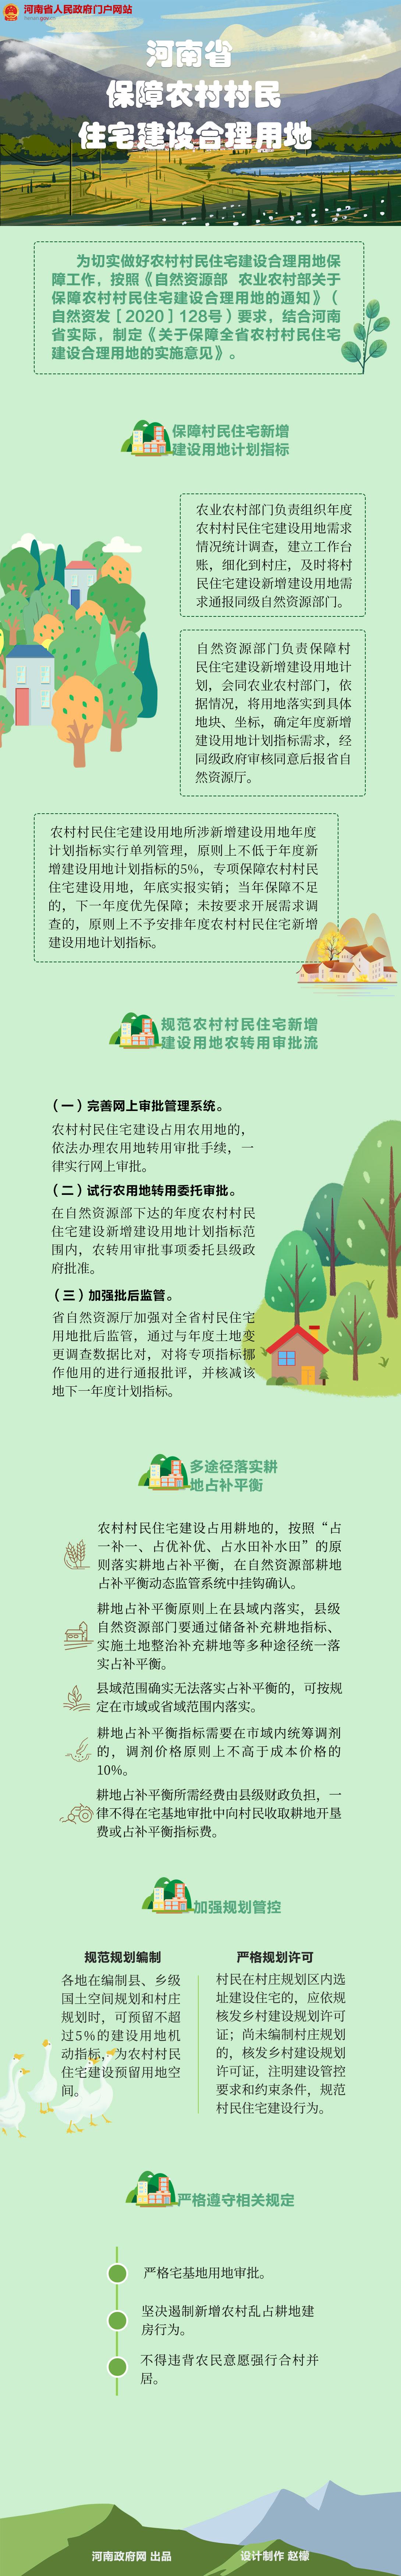 图解:河南sheng保障全sheng农村村min住宅建设合liyongdi